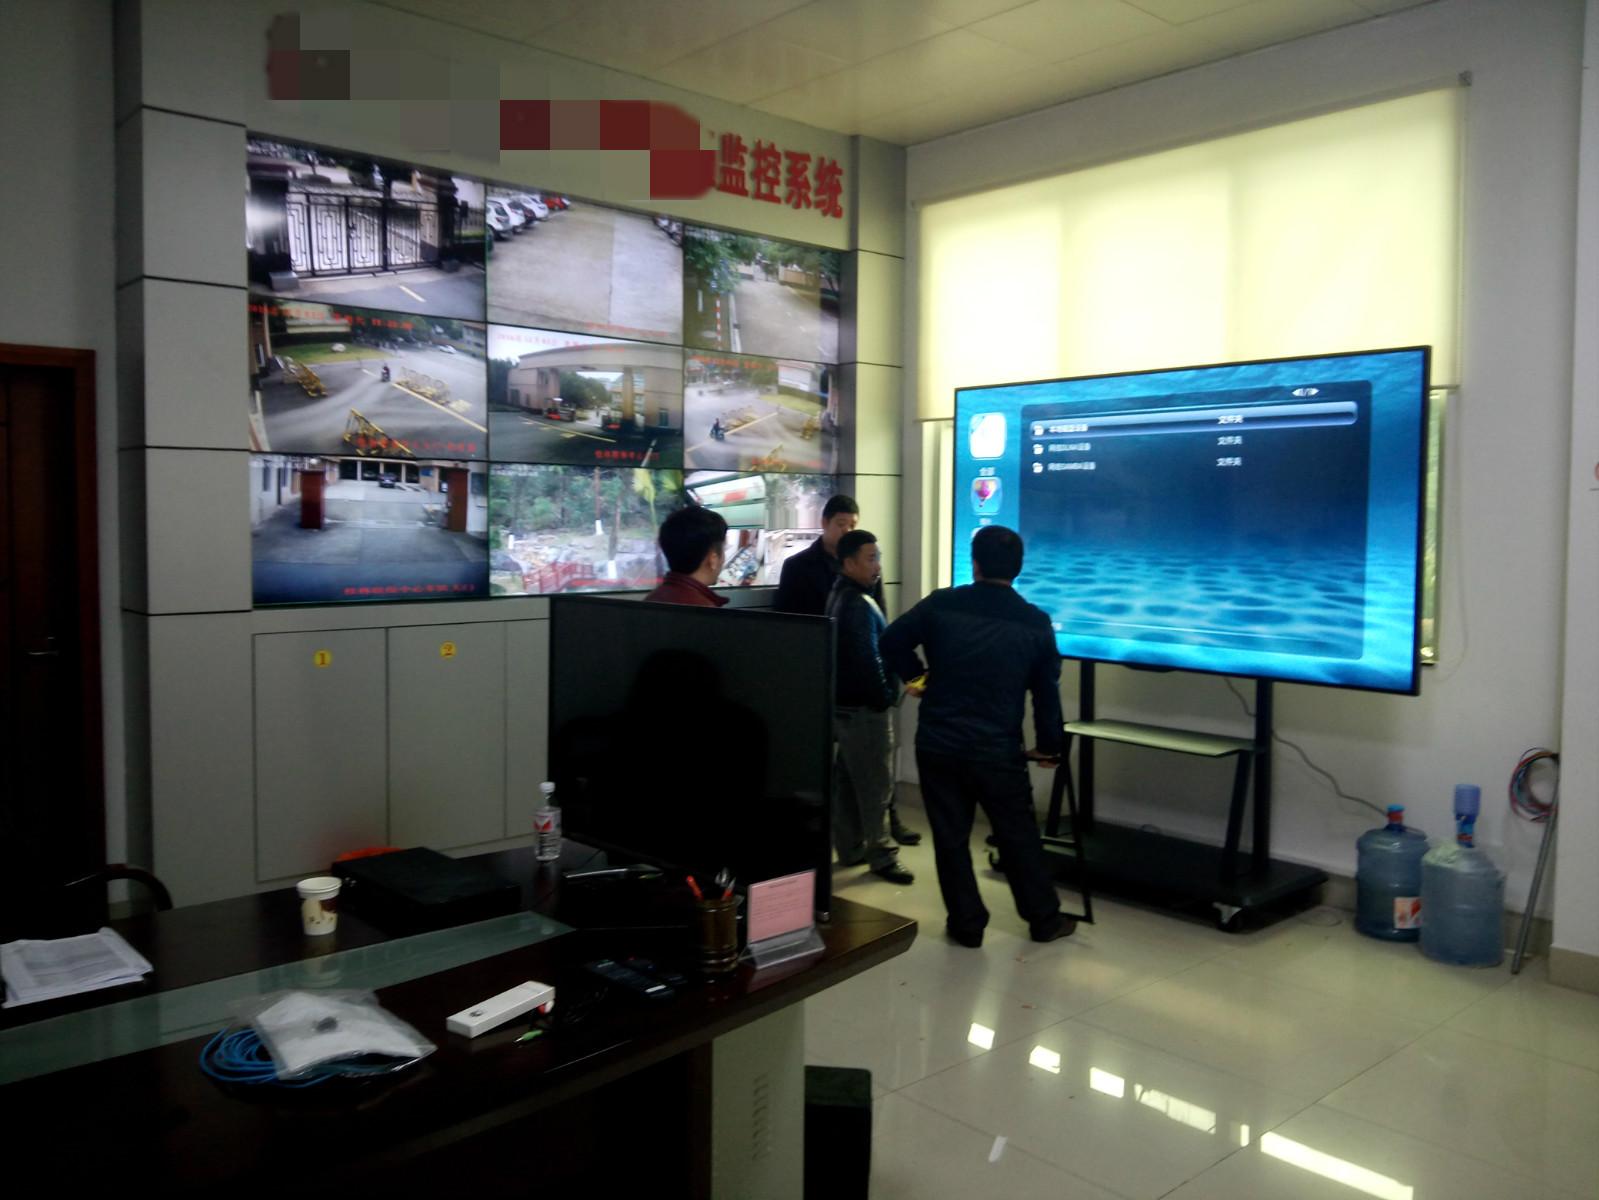 德恪98寸液晶显示器/触摸一体机服役于部队各应用场景